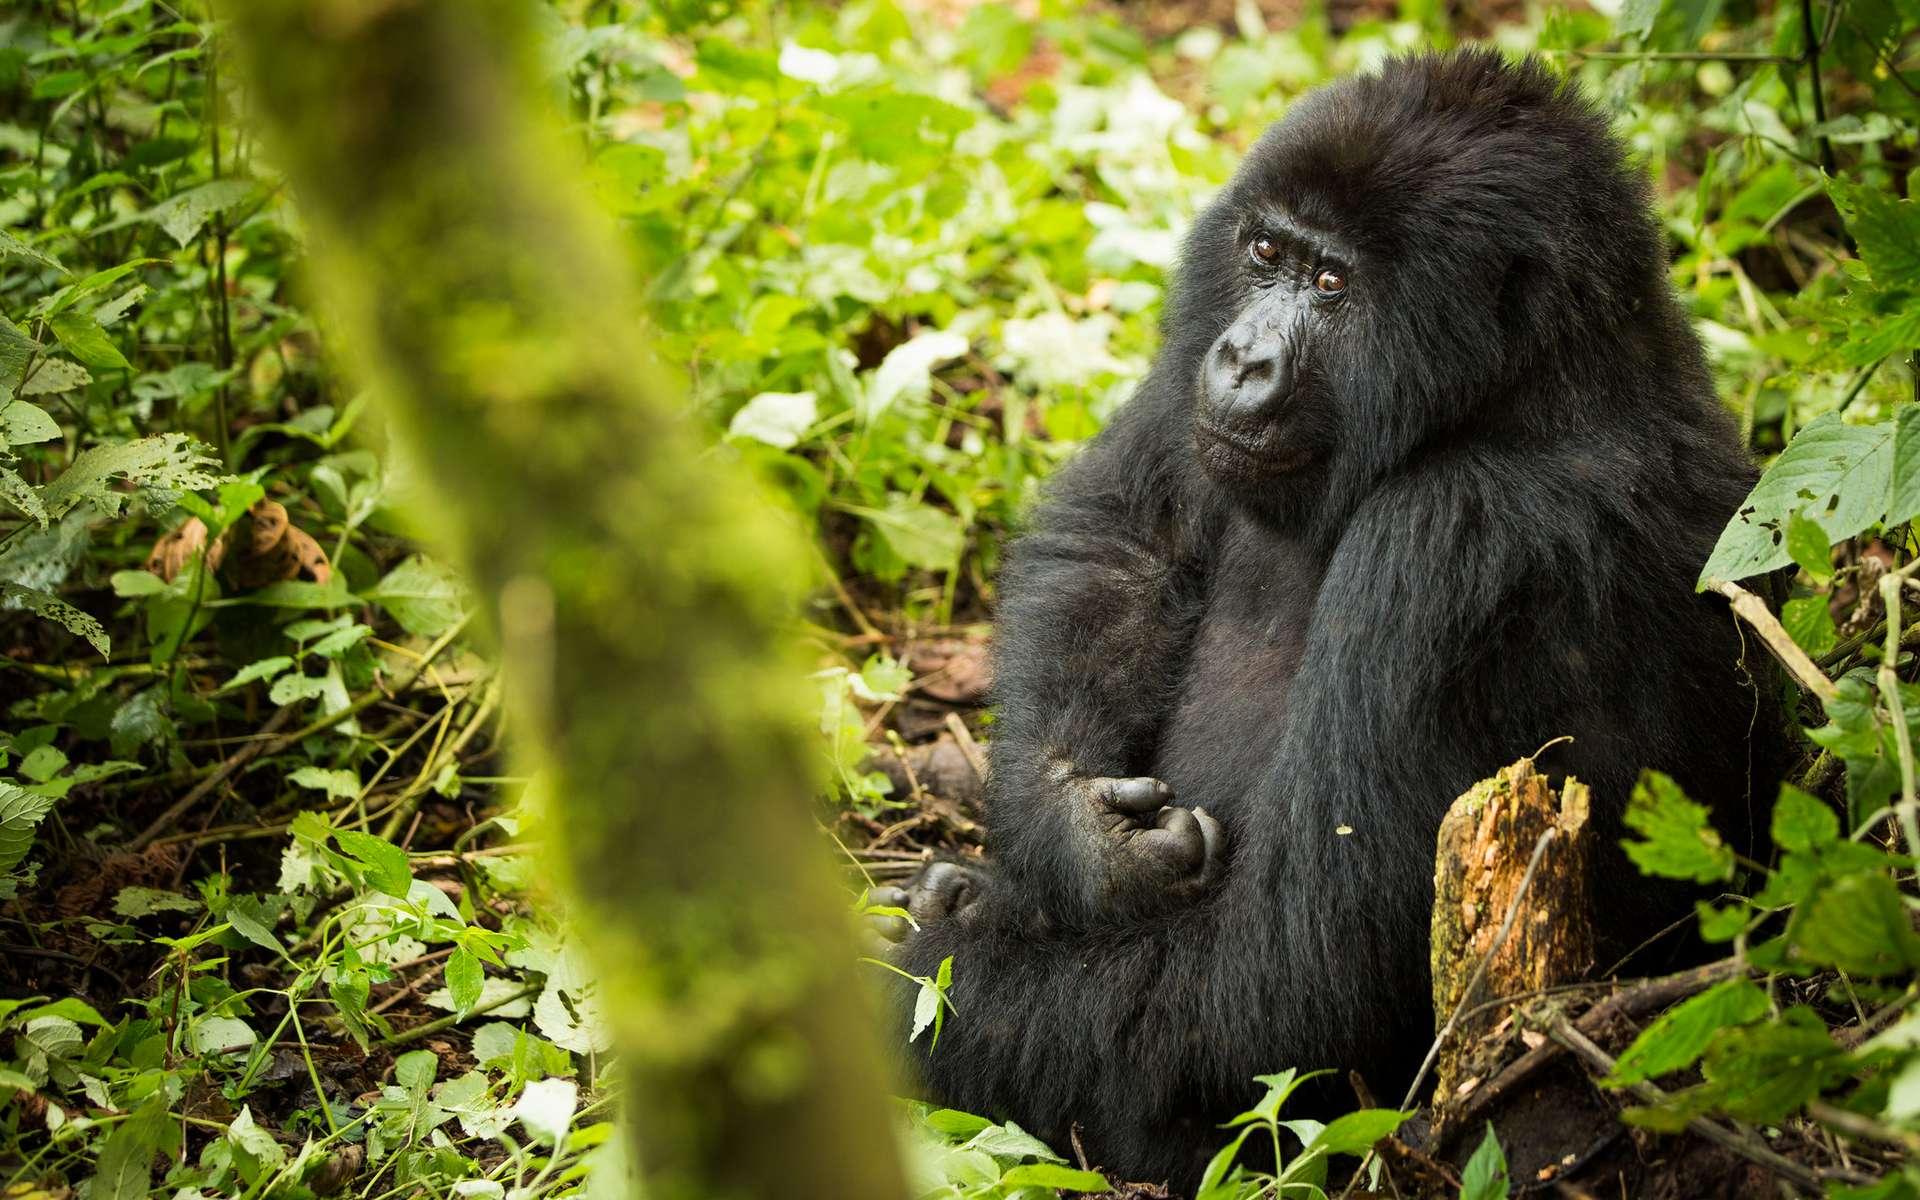 Un éclair tue 4 gorilles des montagnes en Ouganda